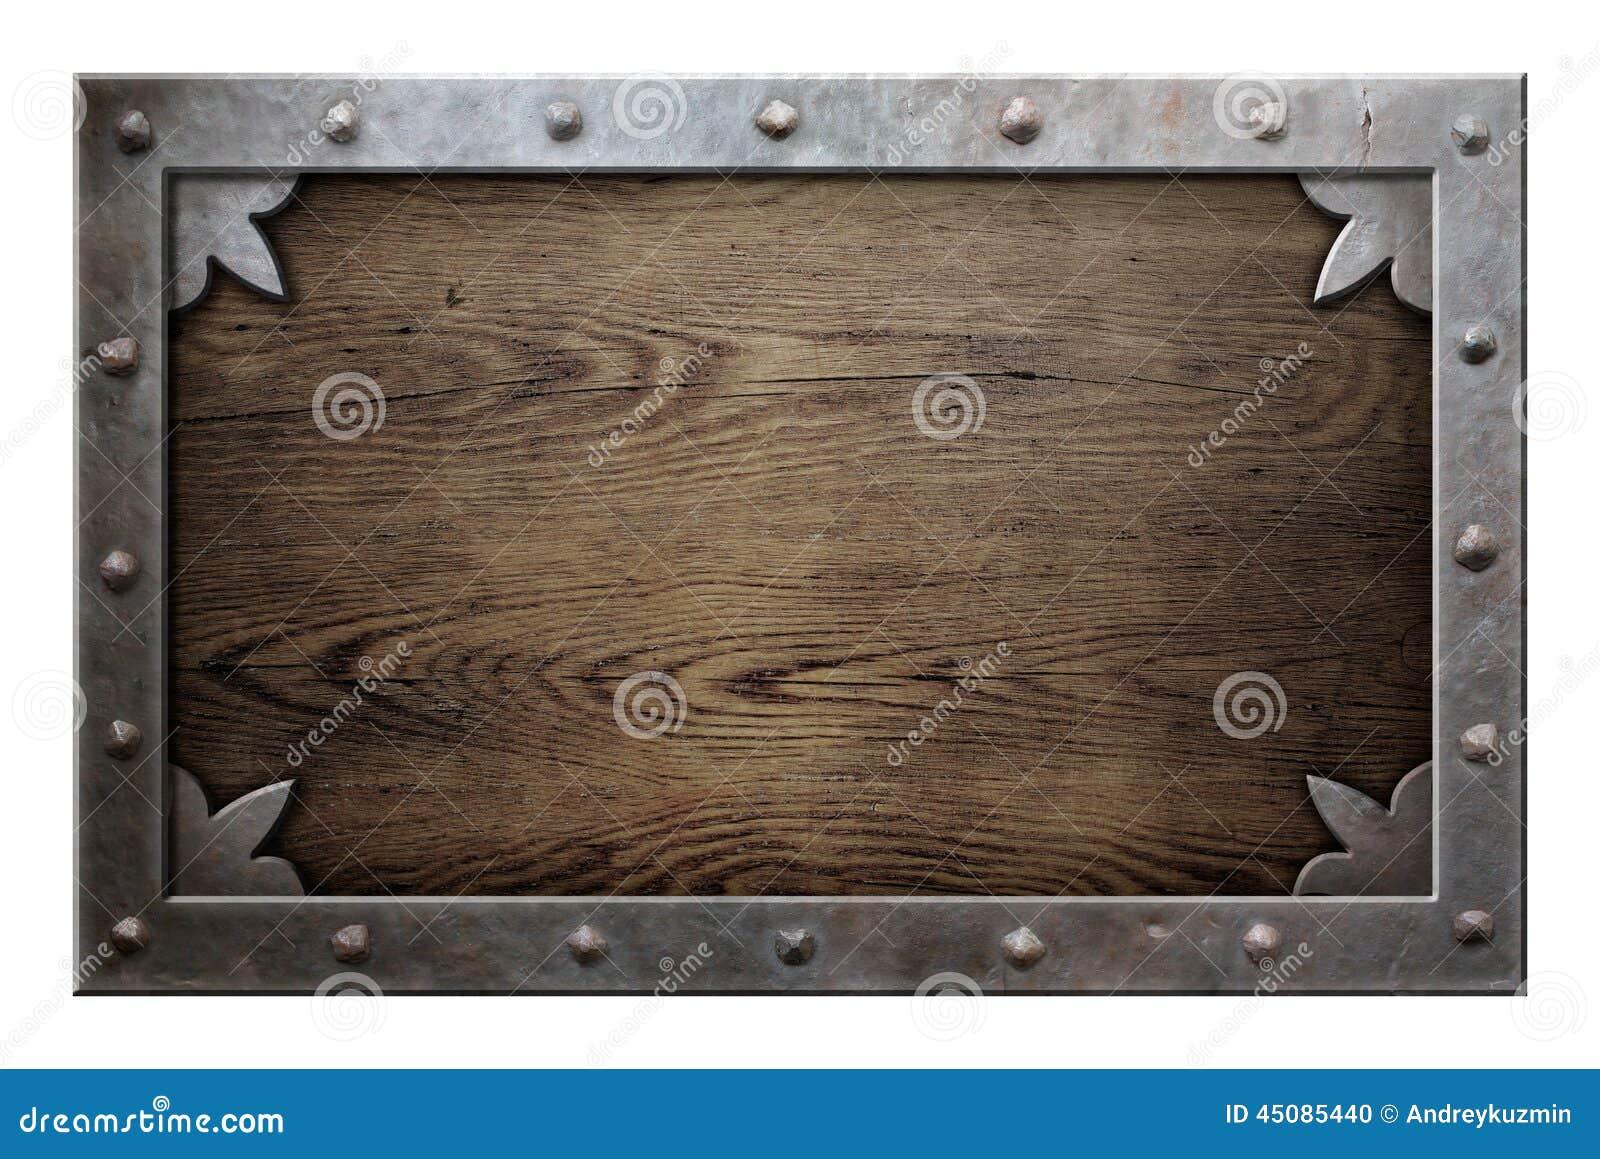 vieux cadre en m tal au dessus de fond en bois photo stock image 45085440. Black Bedroom Furniture Sets. Home Design Ideas